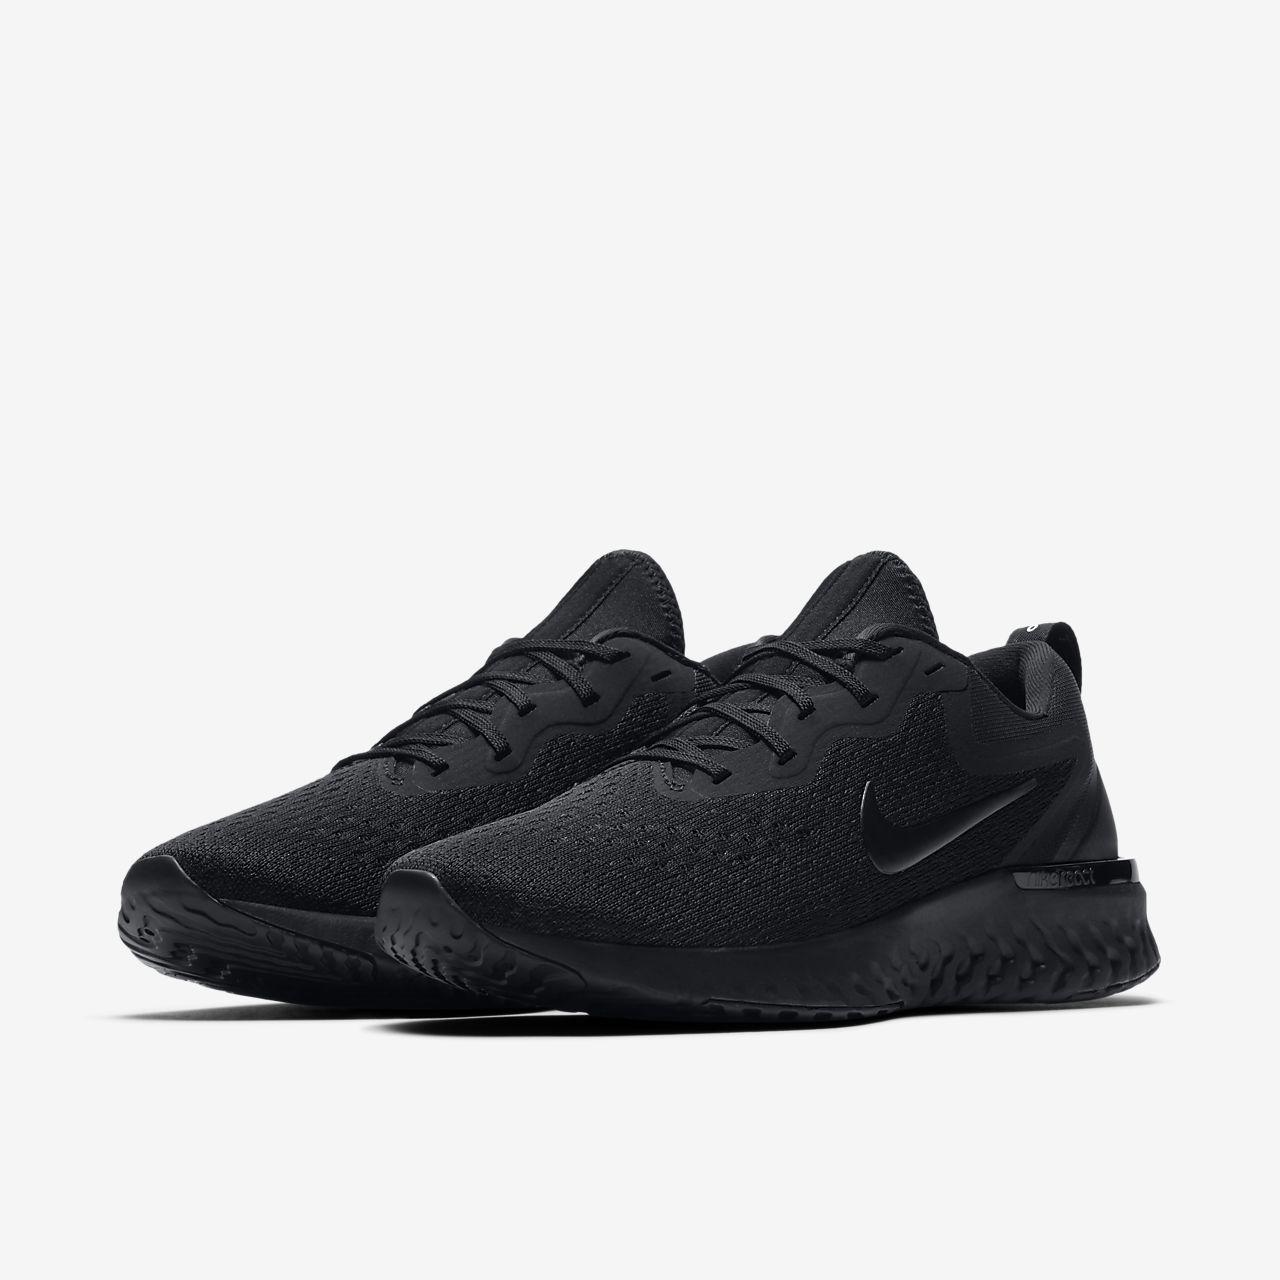 ... Nike Odyssey React Women's Running Shoe